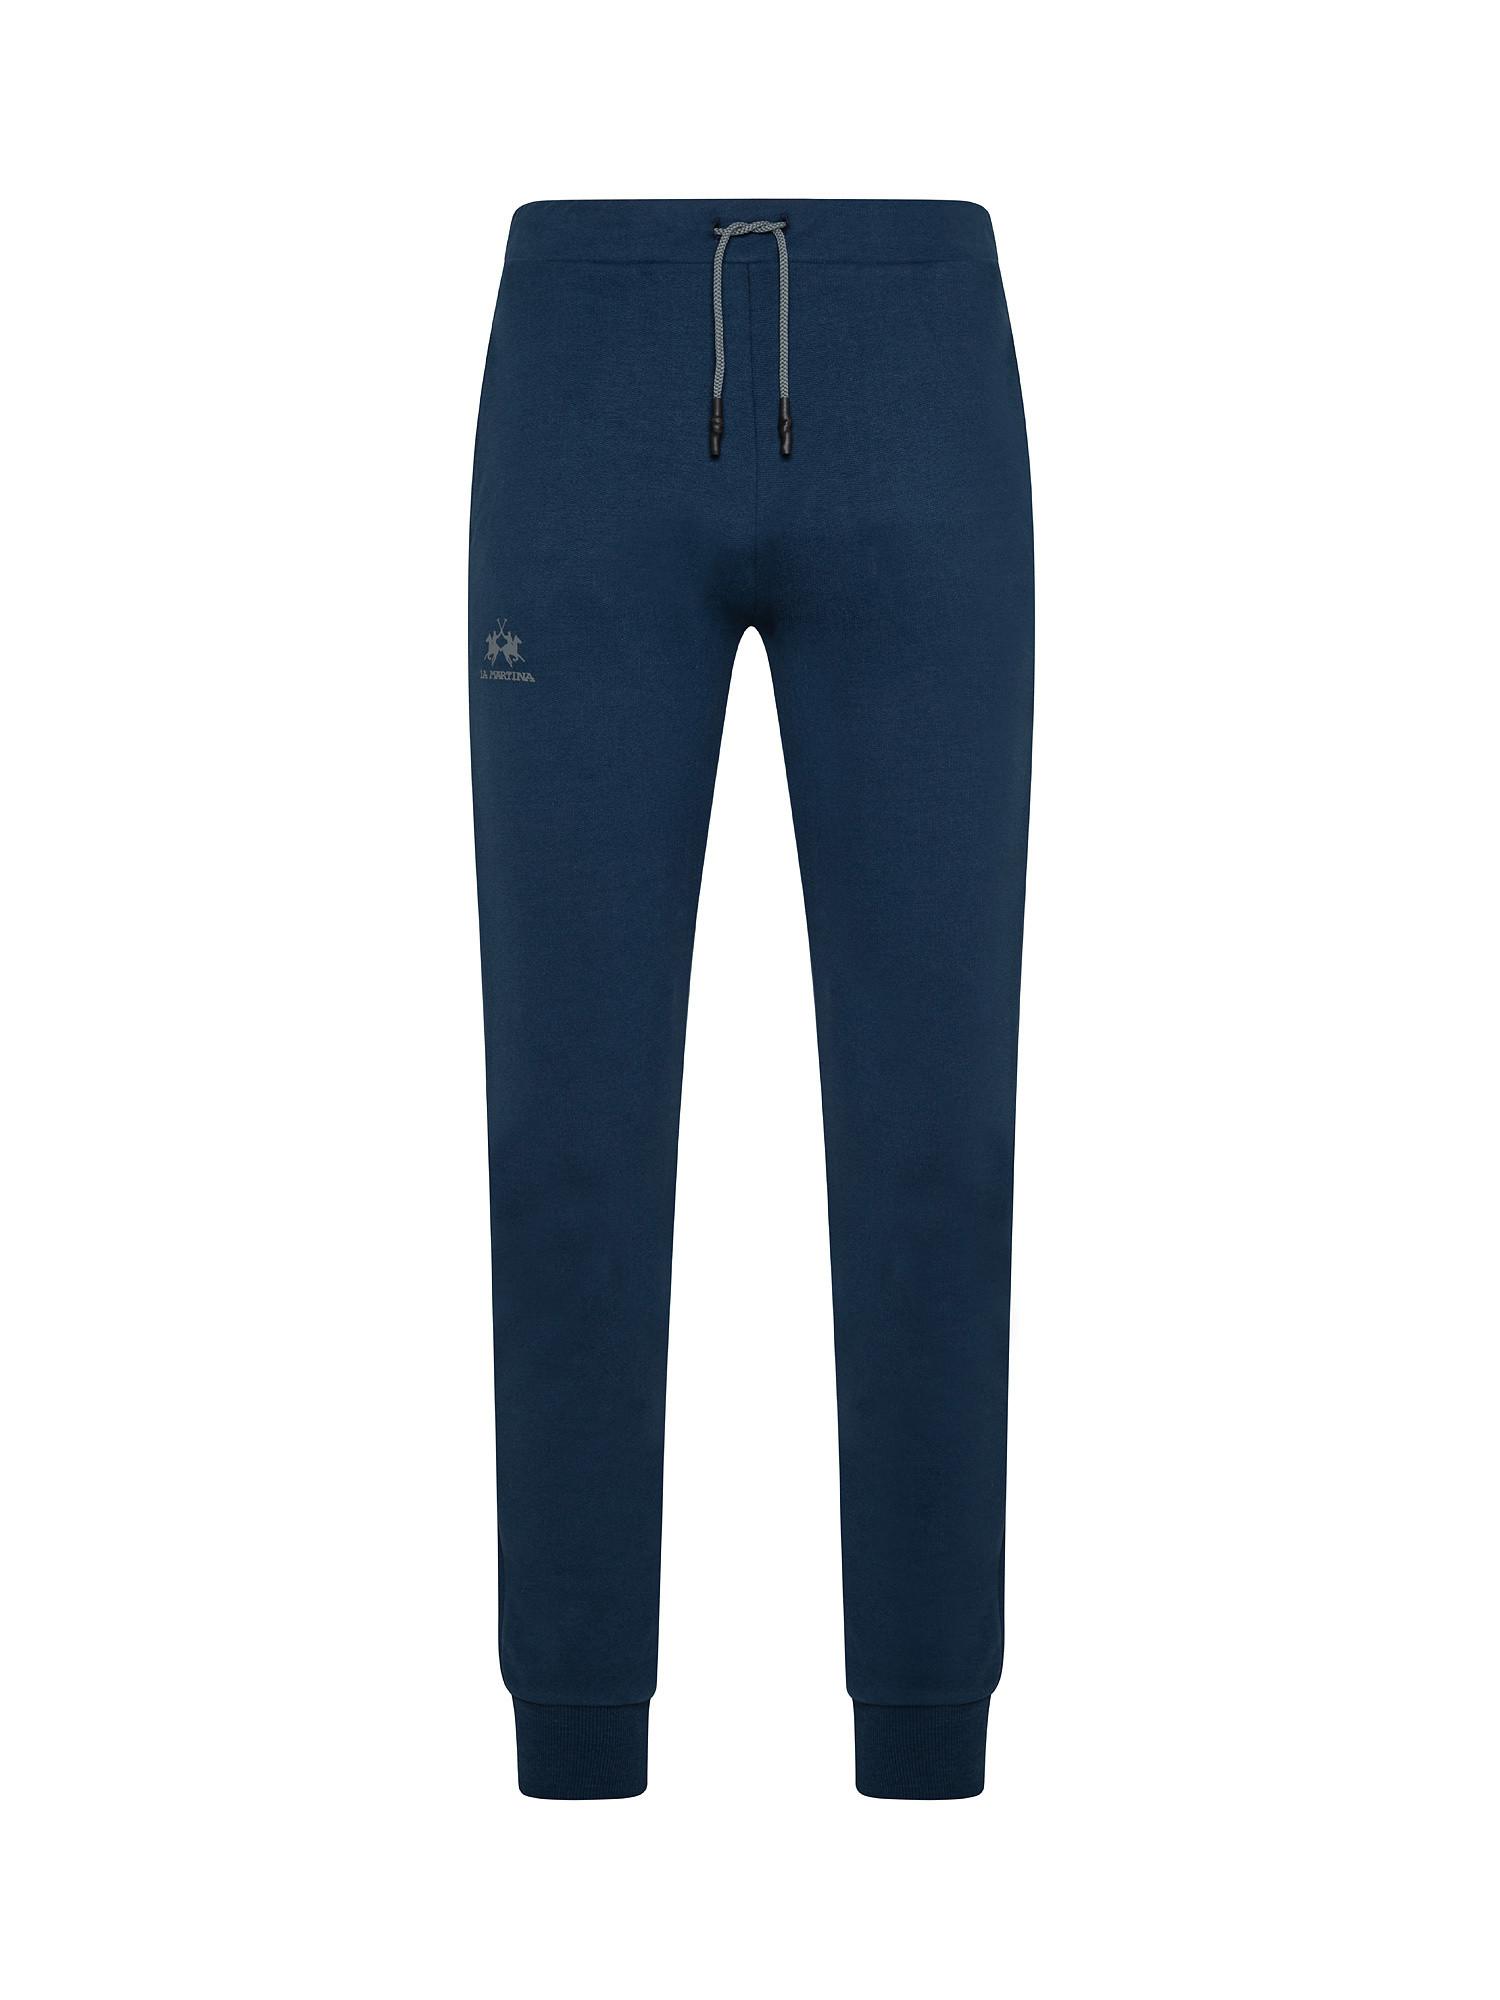 Pantalone da uomo regular fit, Blu, large image number 0